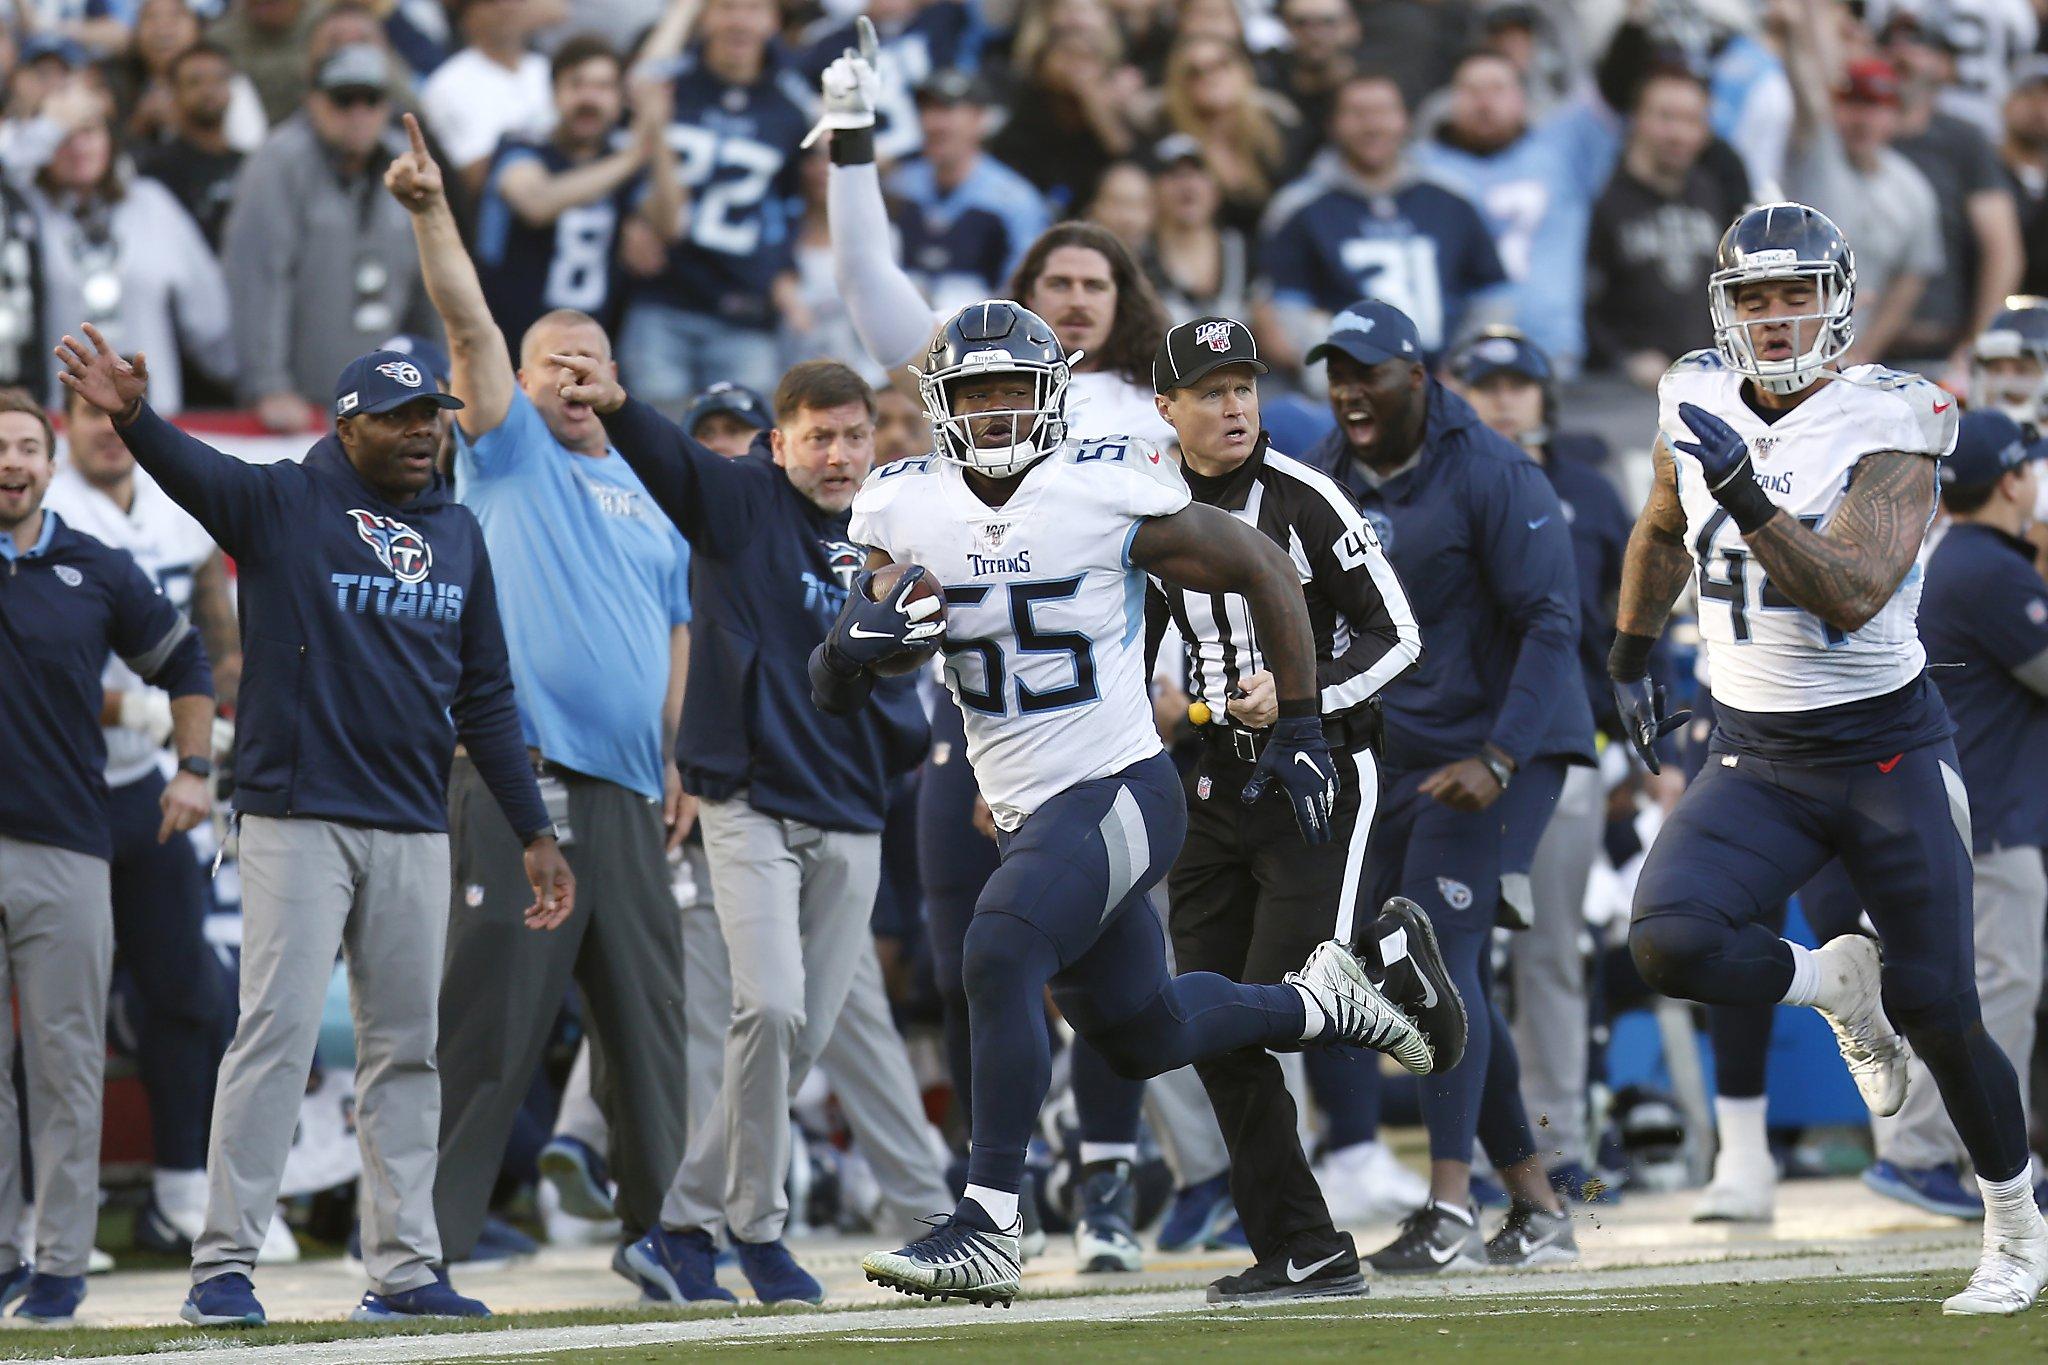 Raiders defense falters in 42-21 loss to Titans,...